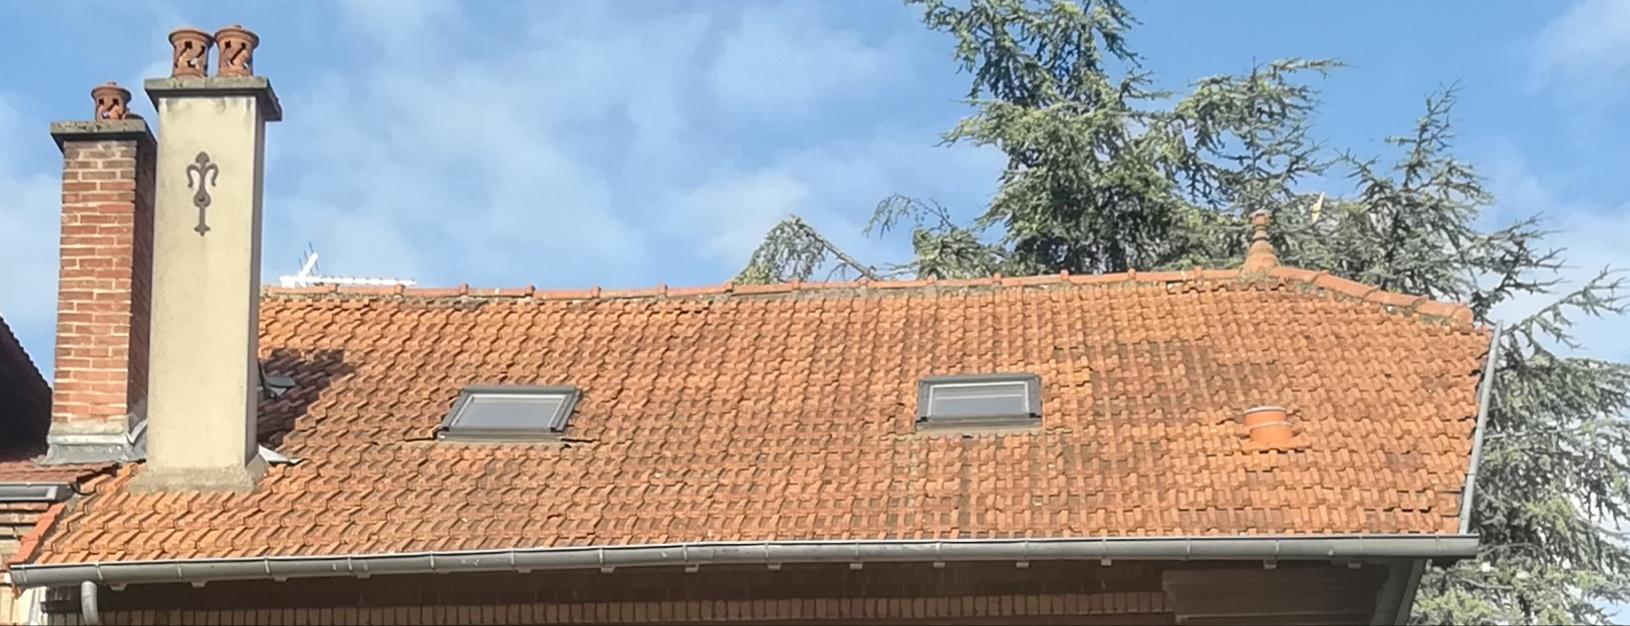 Avis sur une toiture en tuile plate